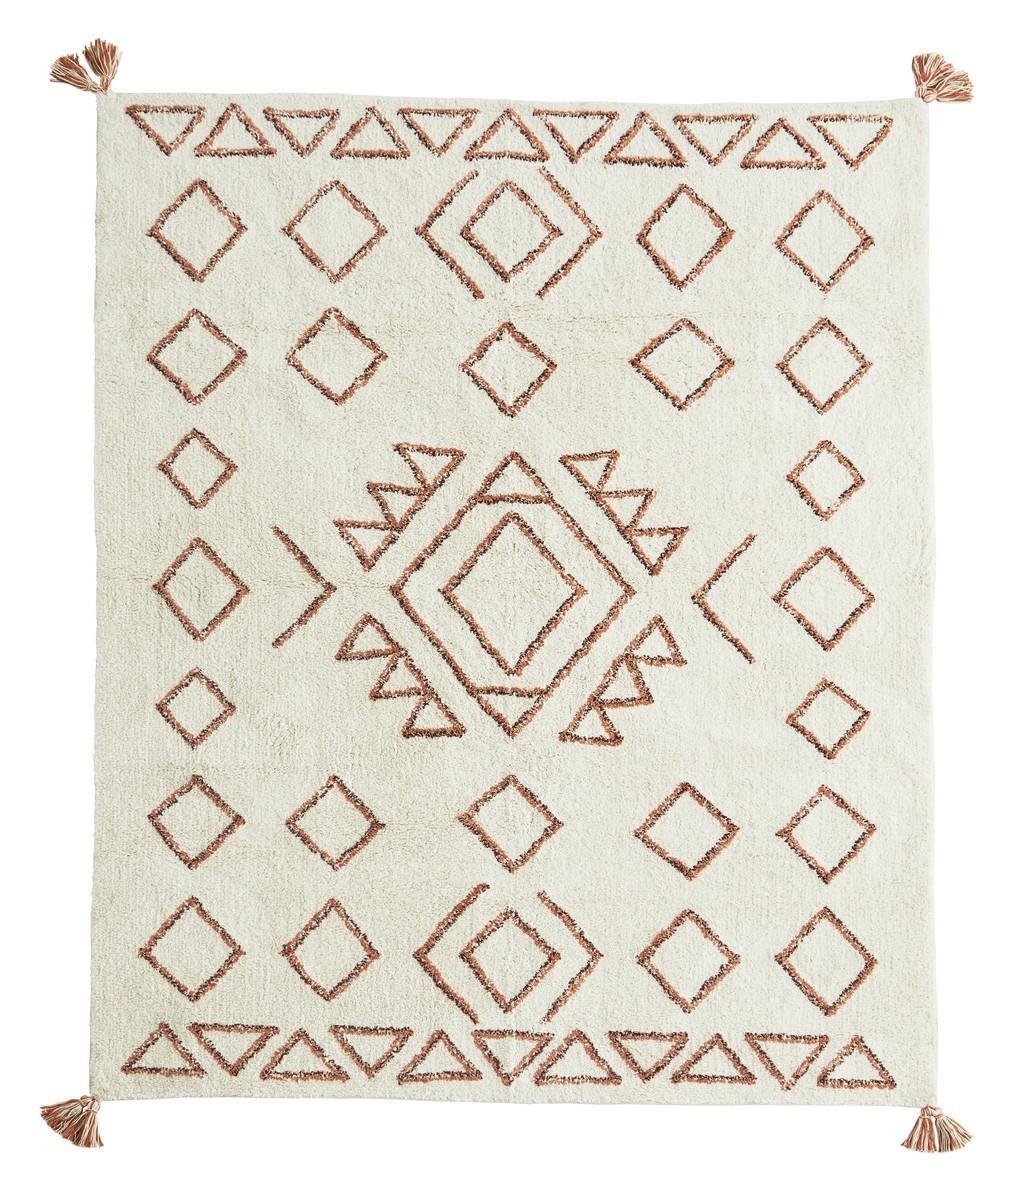 madam stoltz tapis tufte ecru motif geometrique orange 140 x 200 cm kdesign